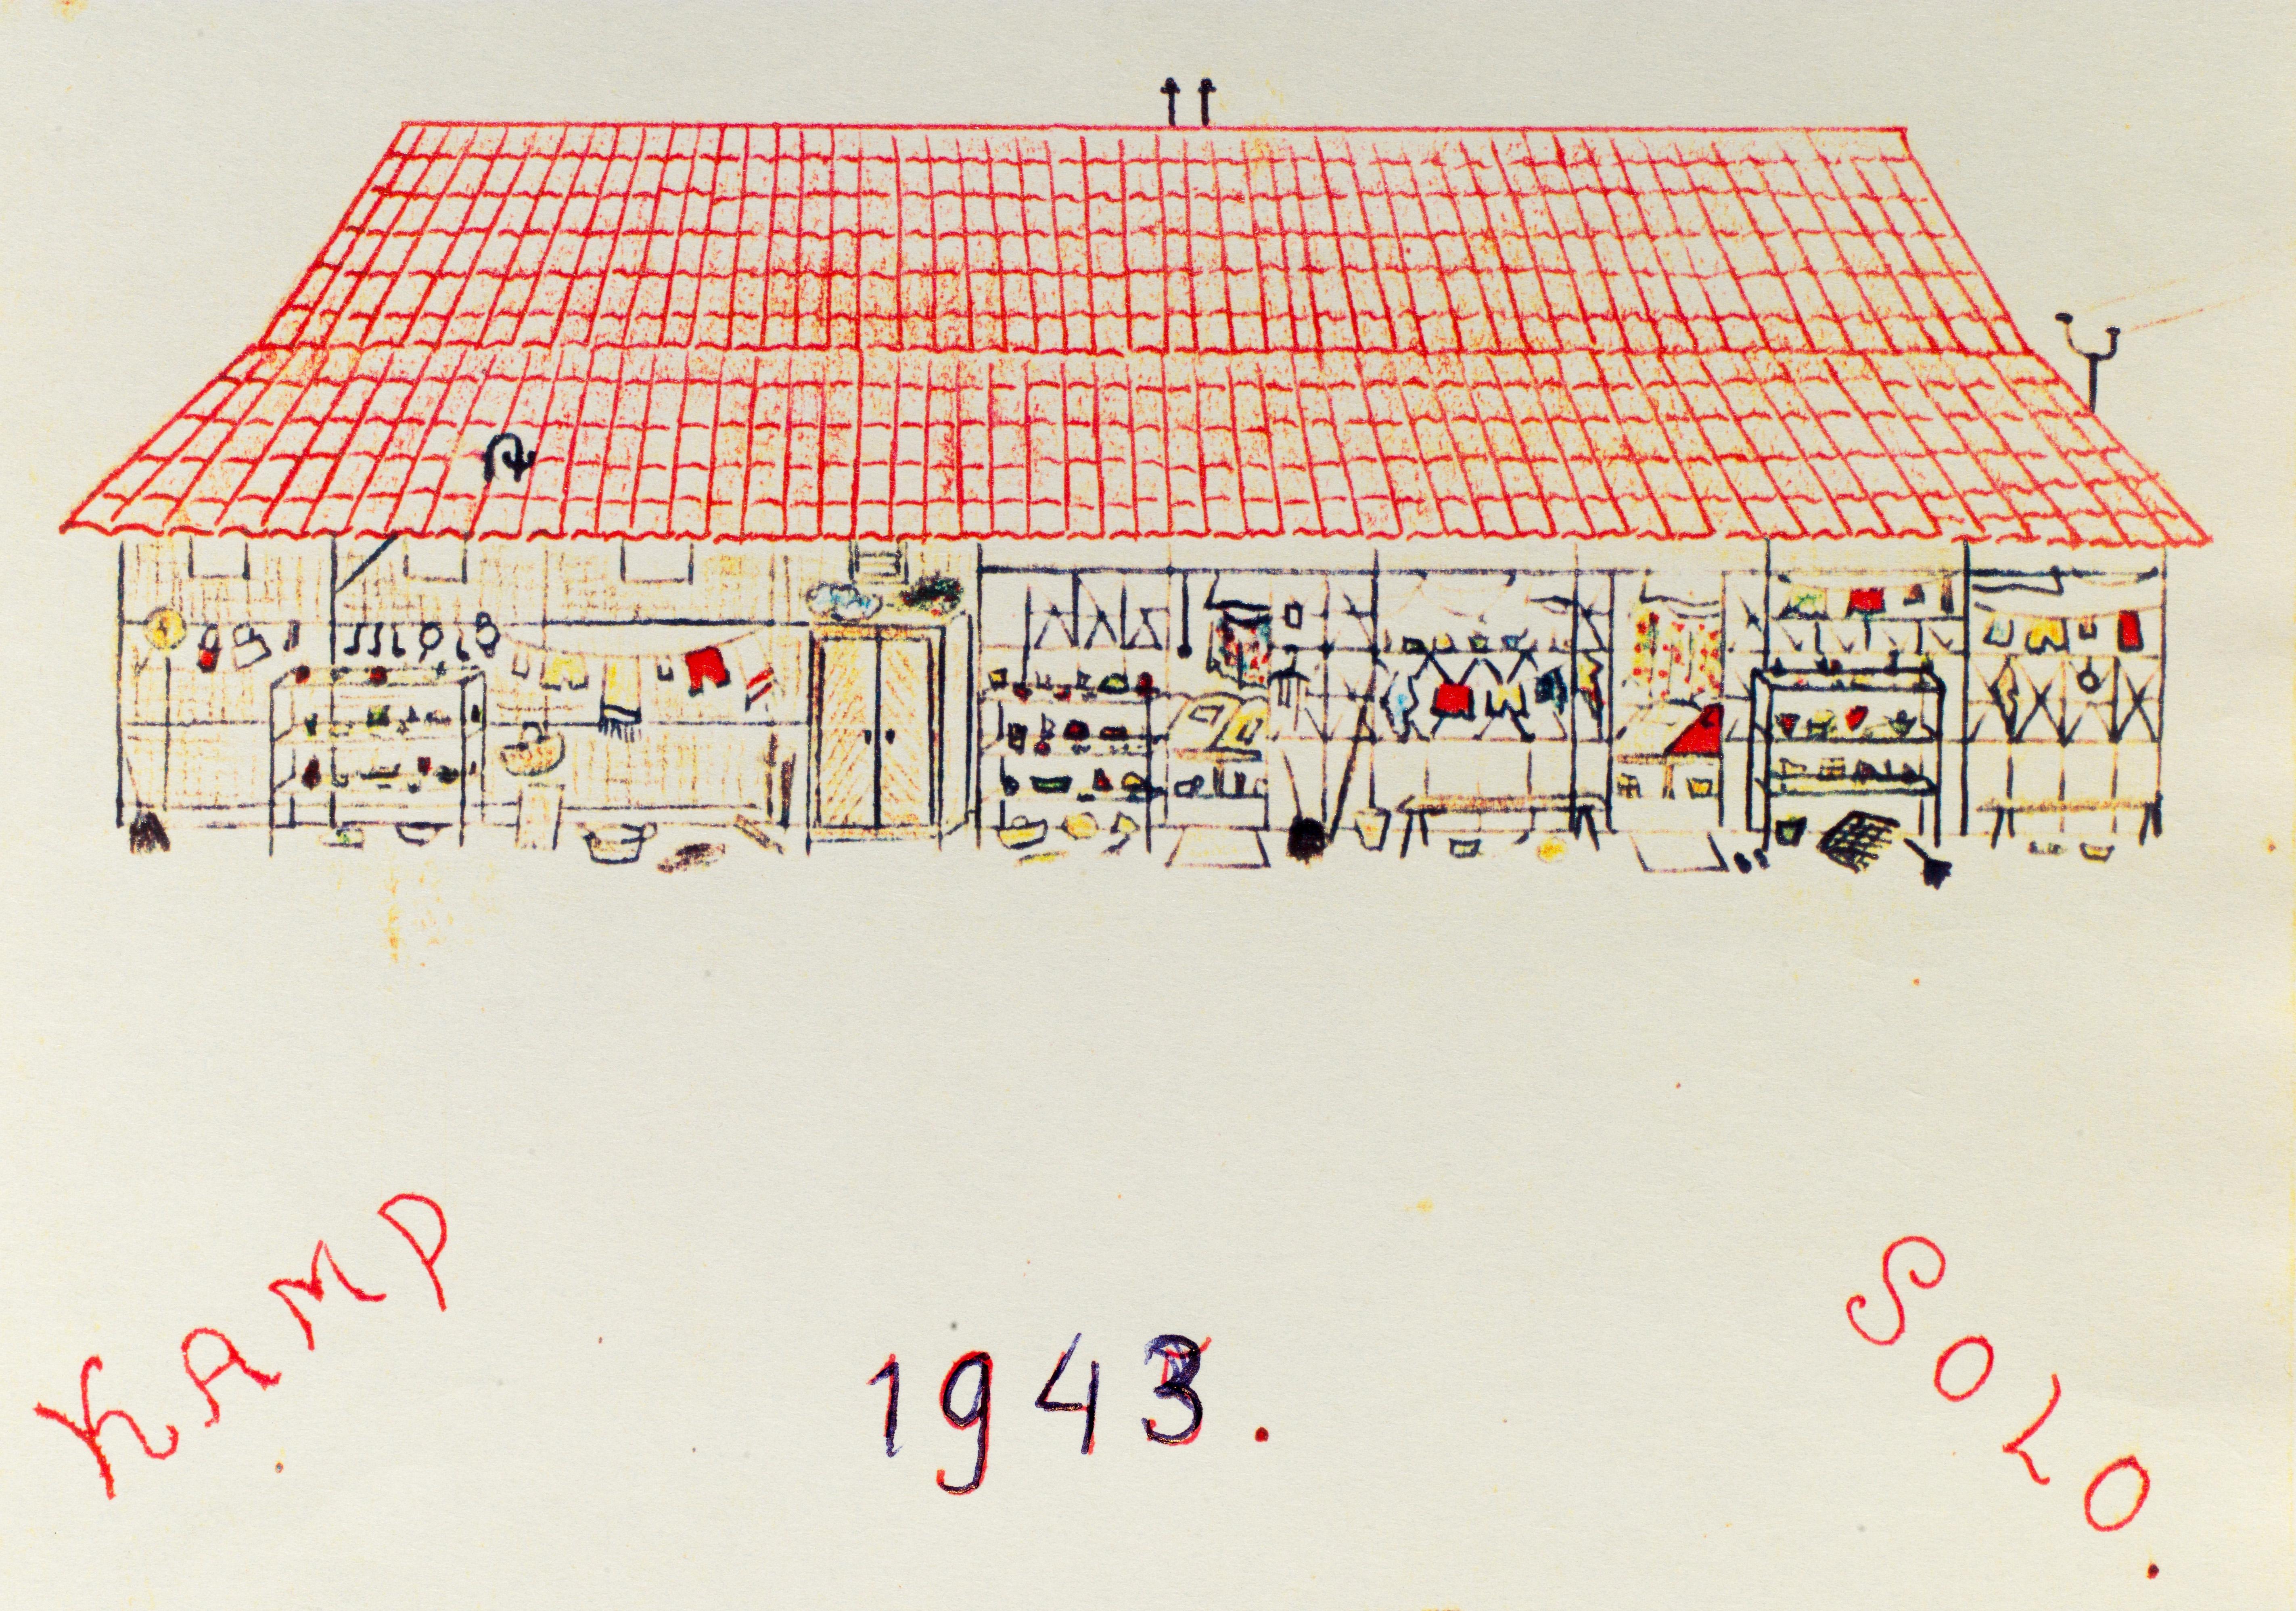 Jeanne de Rijke tekende het leven in het kamp: 'Mijn broertje was na de bevrijding doorschijnend geworden'